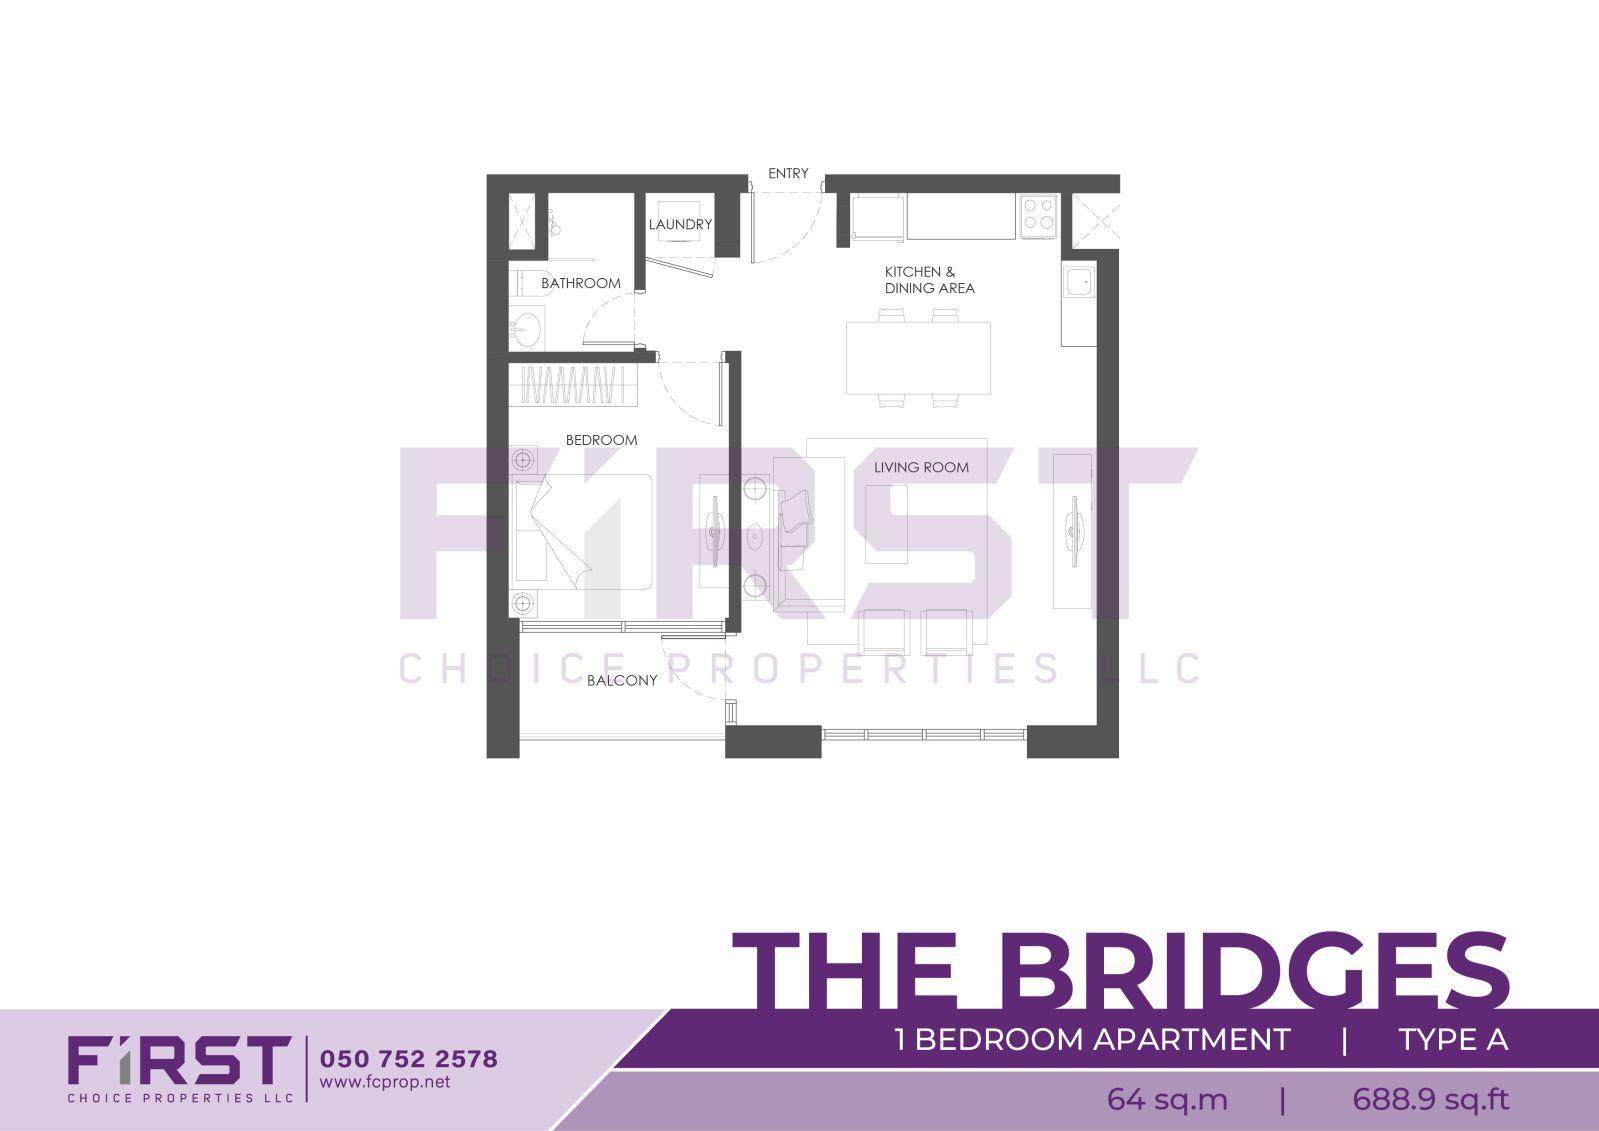 Floor Plan of 1 Bedroom Apartment Type A in The Bridges Al Reem Island Abu Dhabi UAE 64 sq.m 688.9 sq.ft.jpg